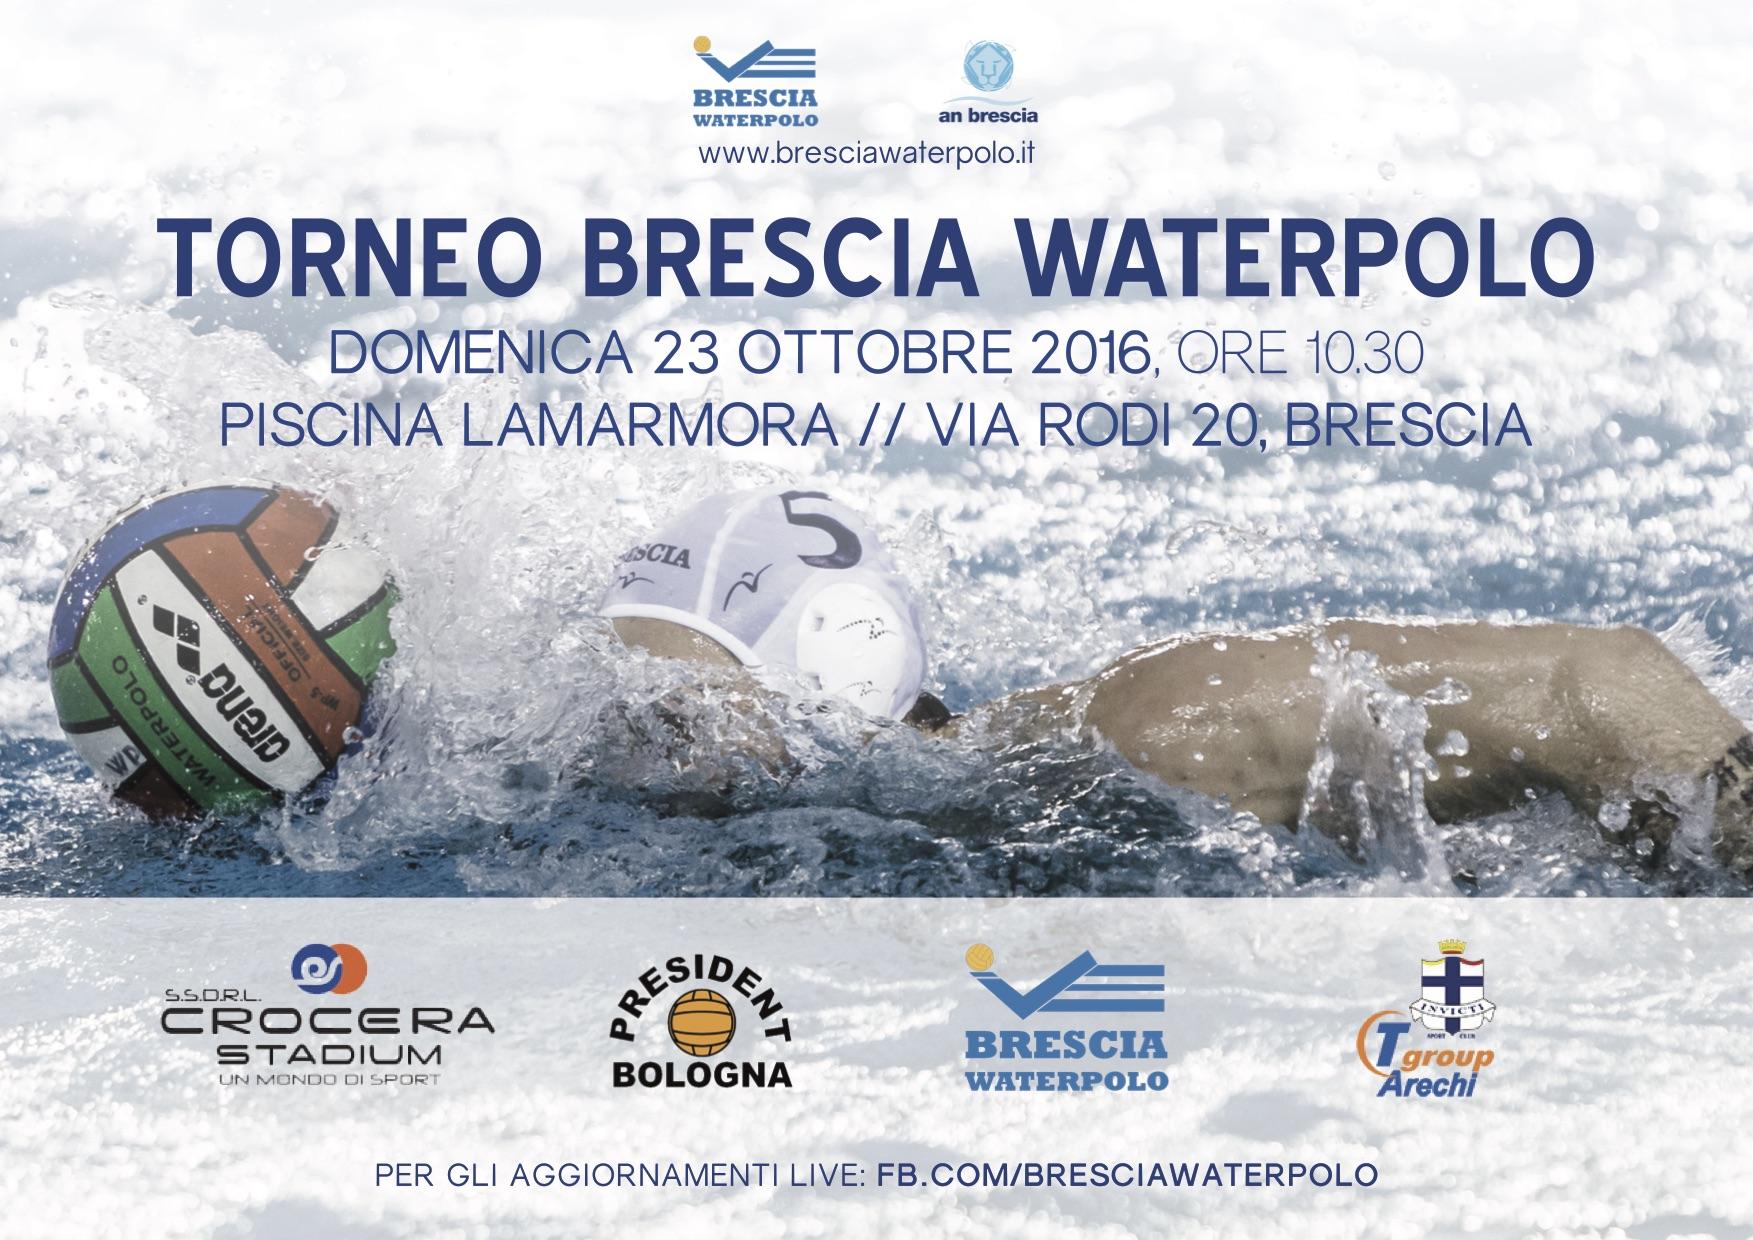 Domenica alla piscina lamarmora la prima edizione del - Piscina lamarmora ...